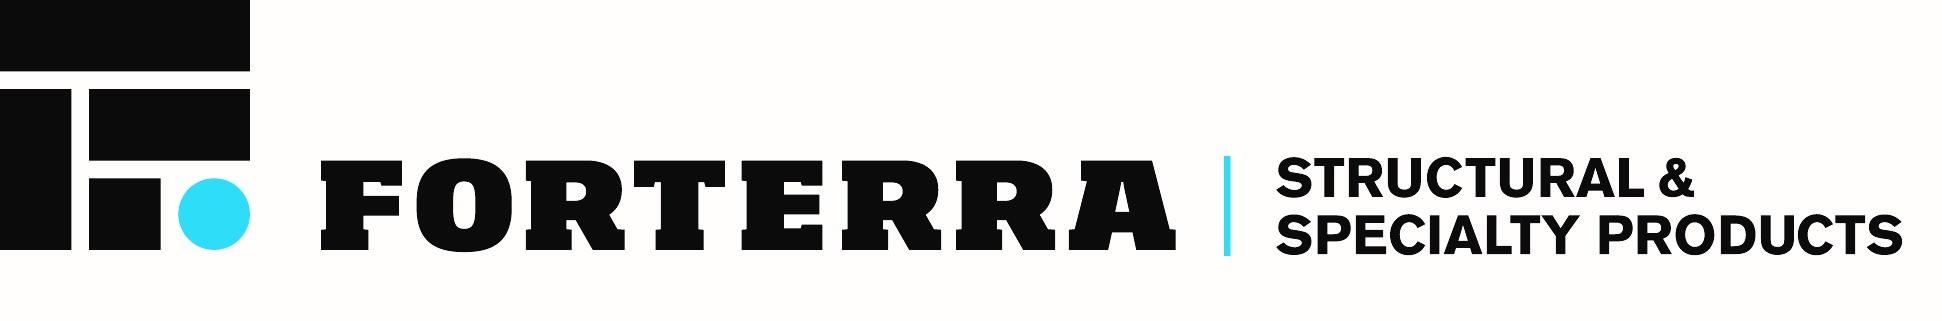 Forterra New Logo 4-7-16 (2).jpg